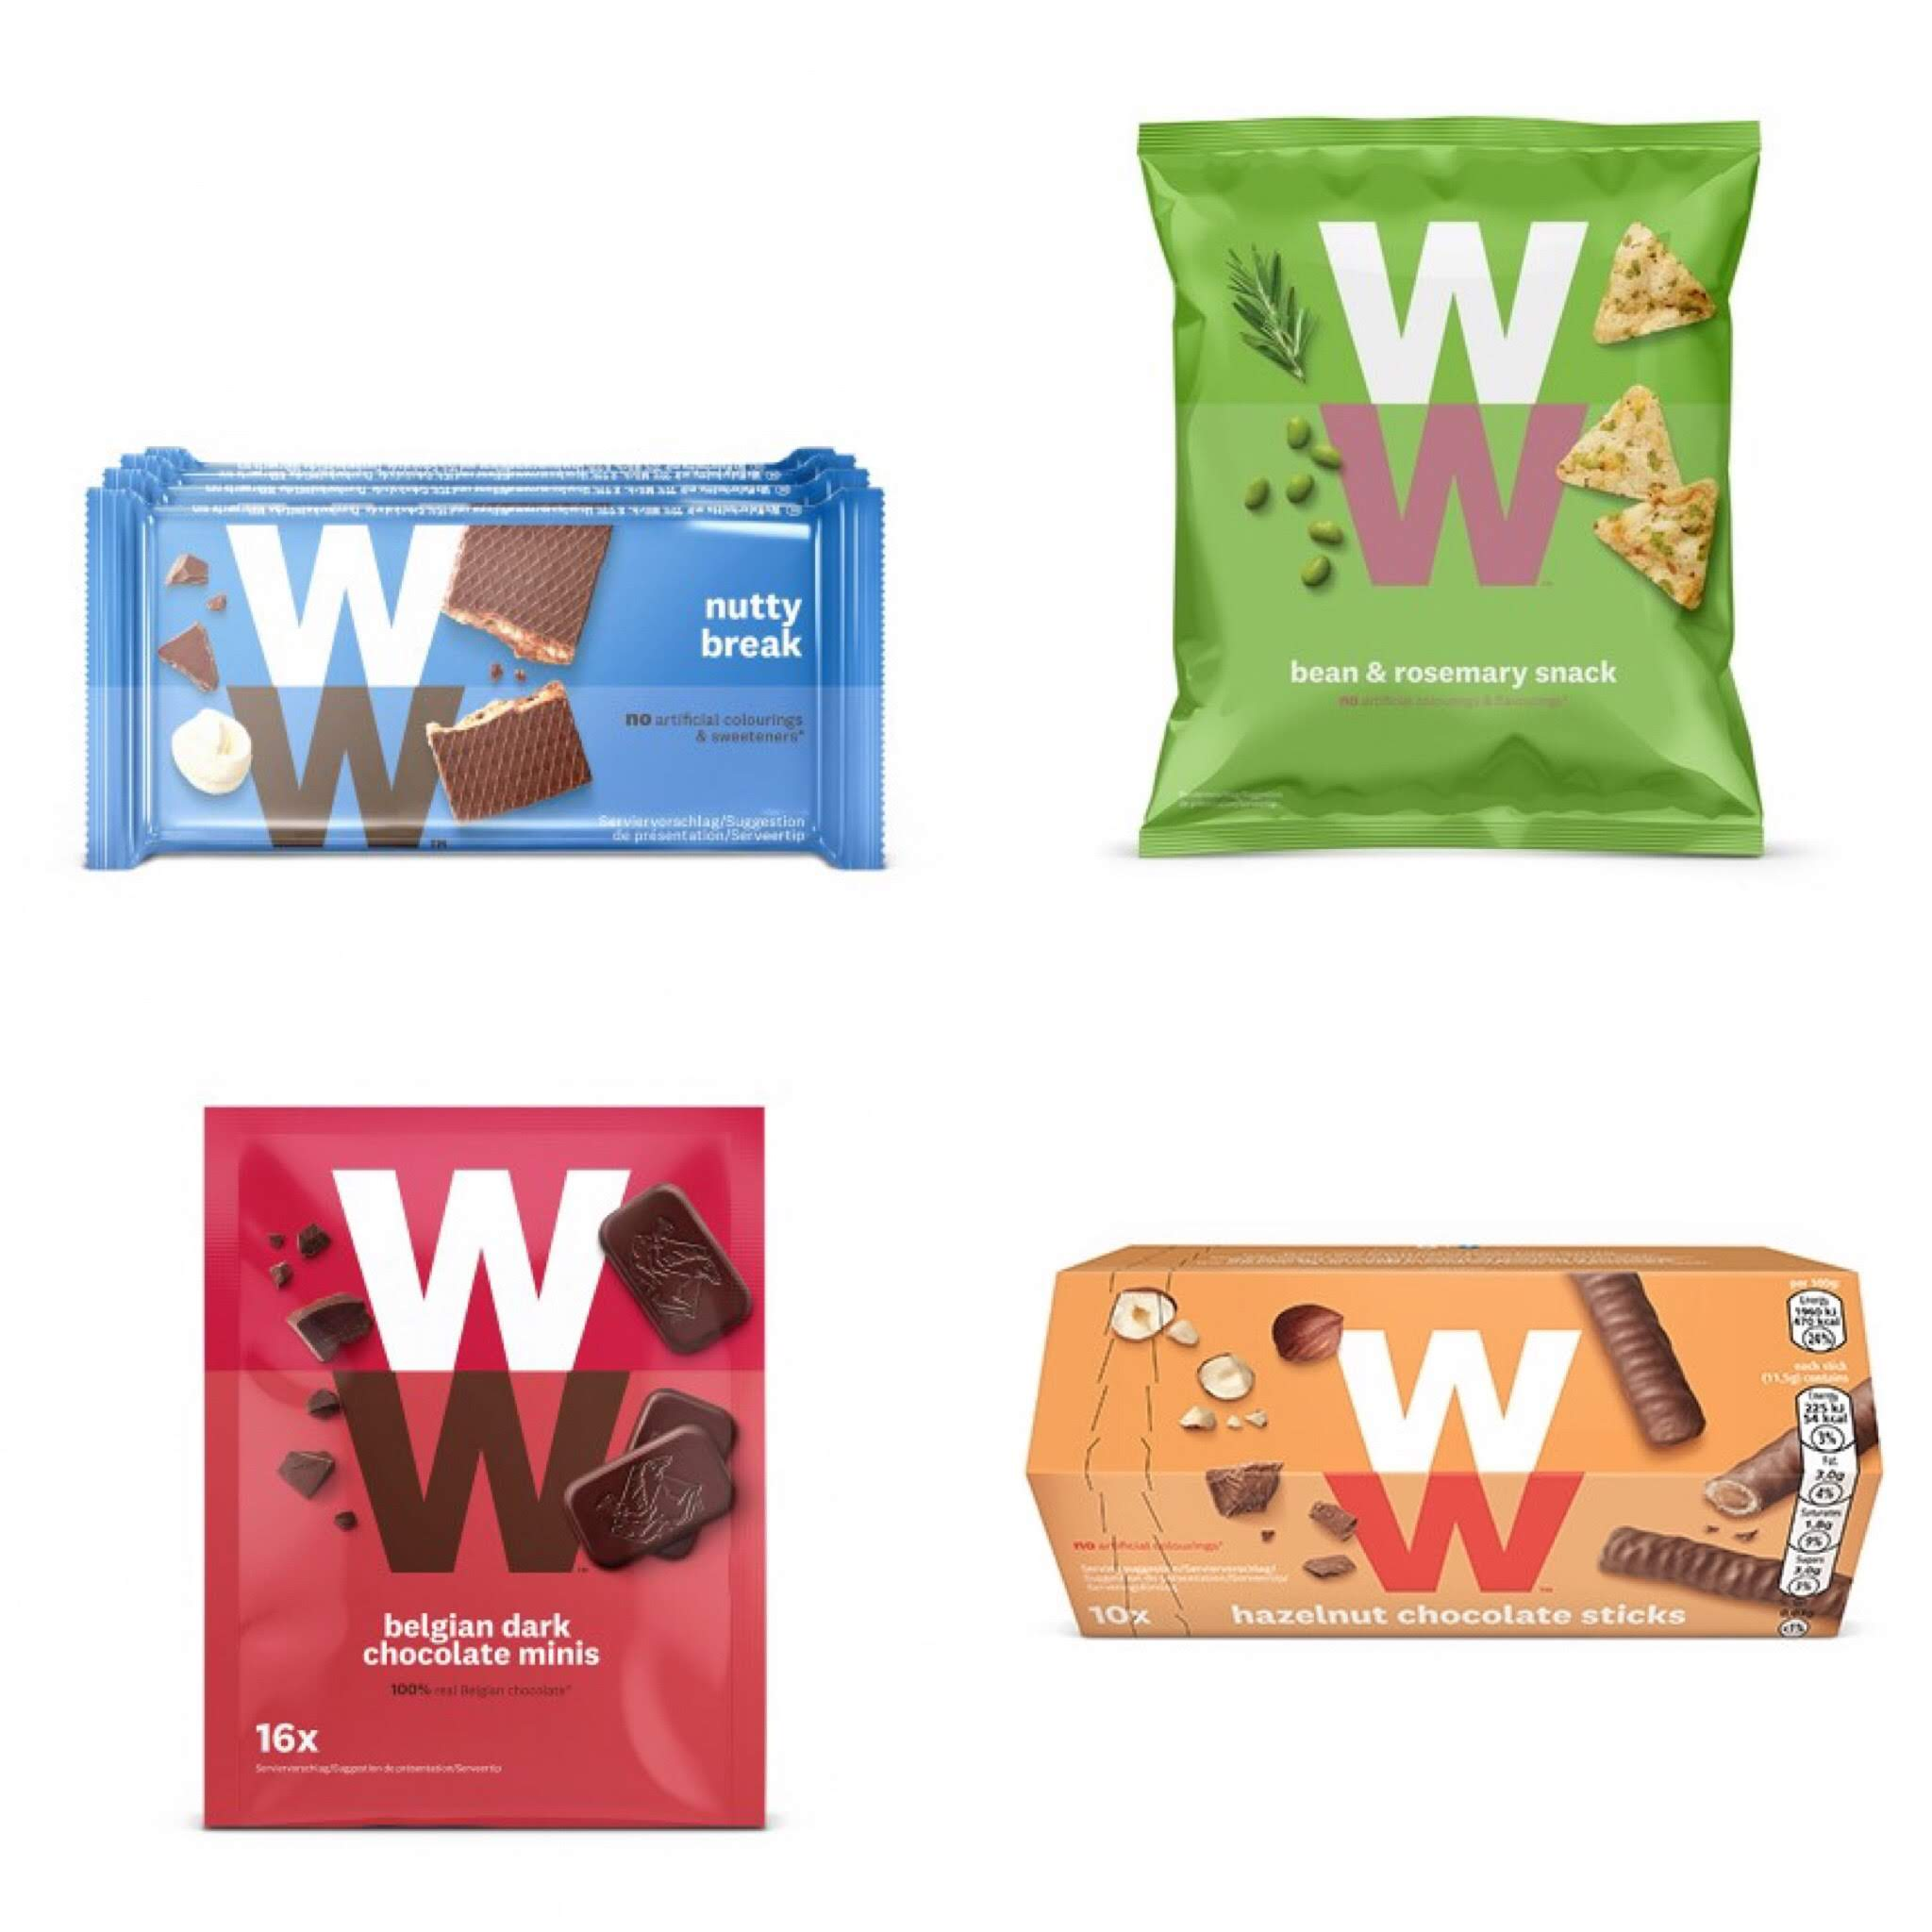 Mijn favoriete WW snacks